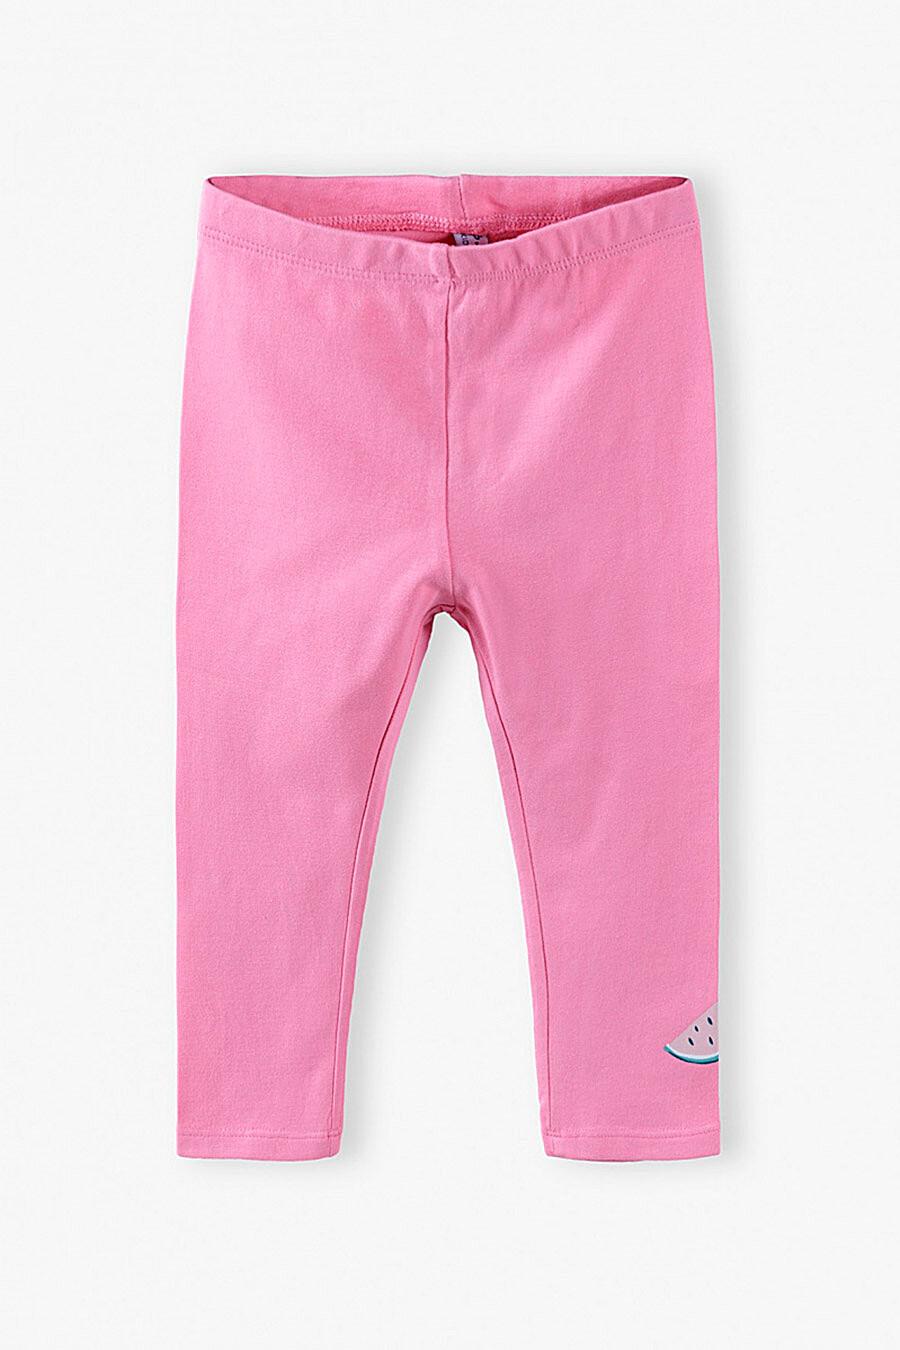 Леггинсы для девочек 5.10.15 707002 купить оптом от производителя. Совместная покупка детской одежды в OptMoyo